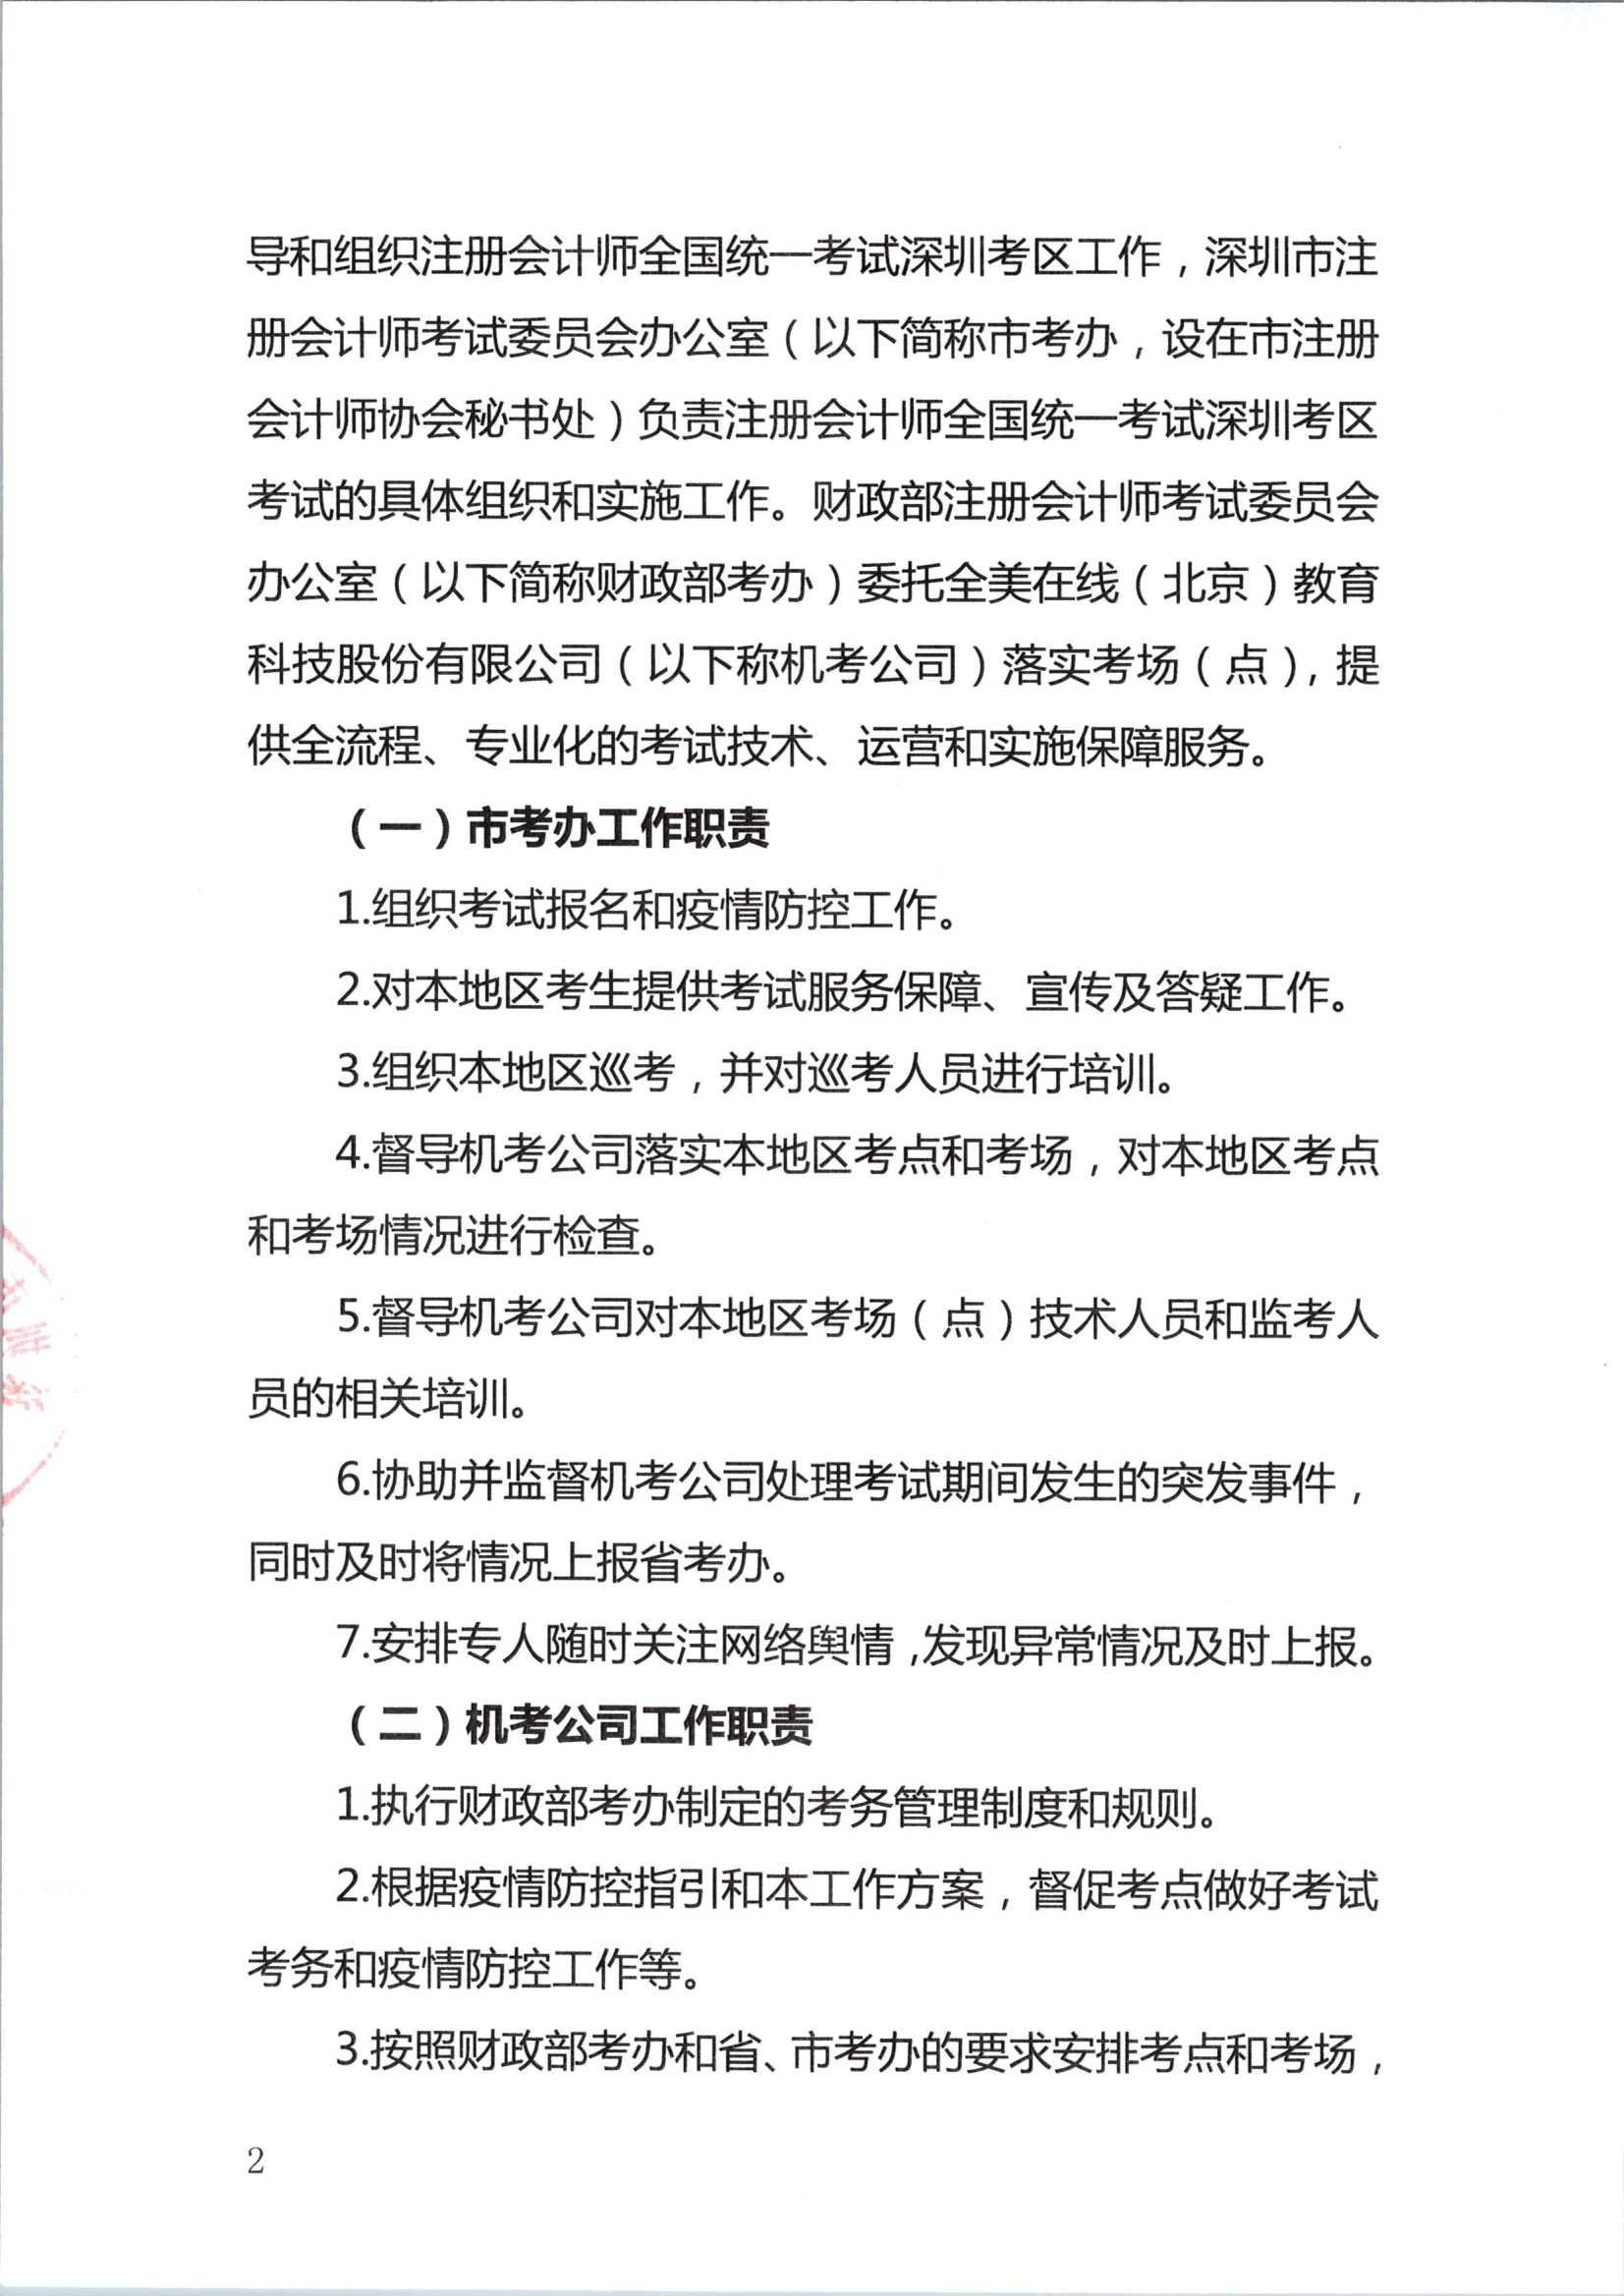 2020年注册会计师全国统一考试深圳考区工作方案_2.Png